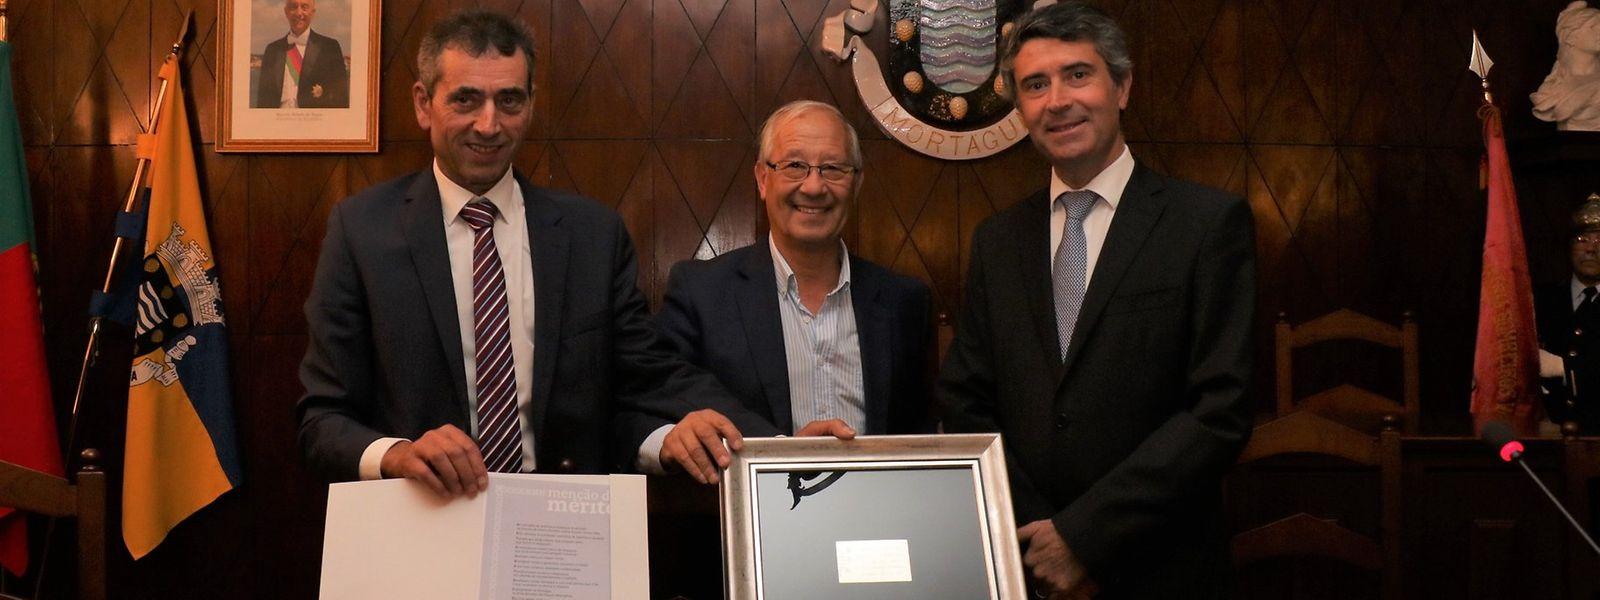 Horácio Martins, presidente da UDP-Wormeldange, ladeado pelo presidente da Câmara Municipal de Mortágua, Júlio Norte (esquerda) e pelo secretário de Estado das Comunidades Portuguesas, José Luís Carneiro.